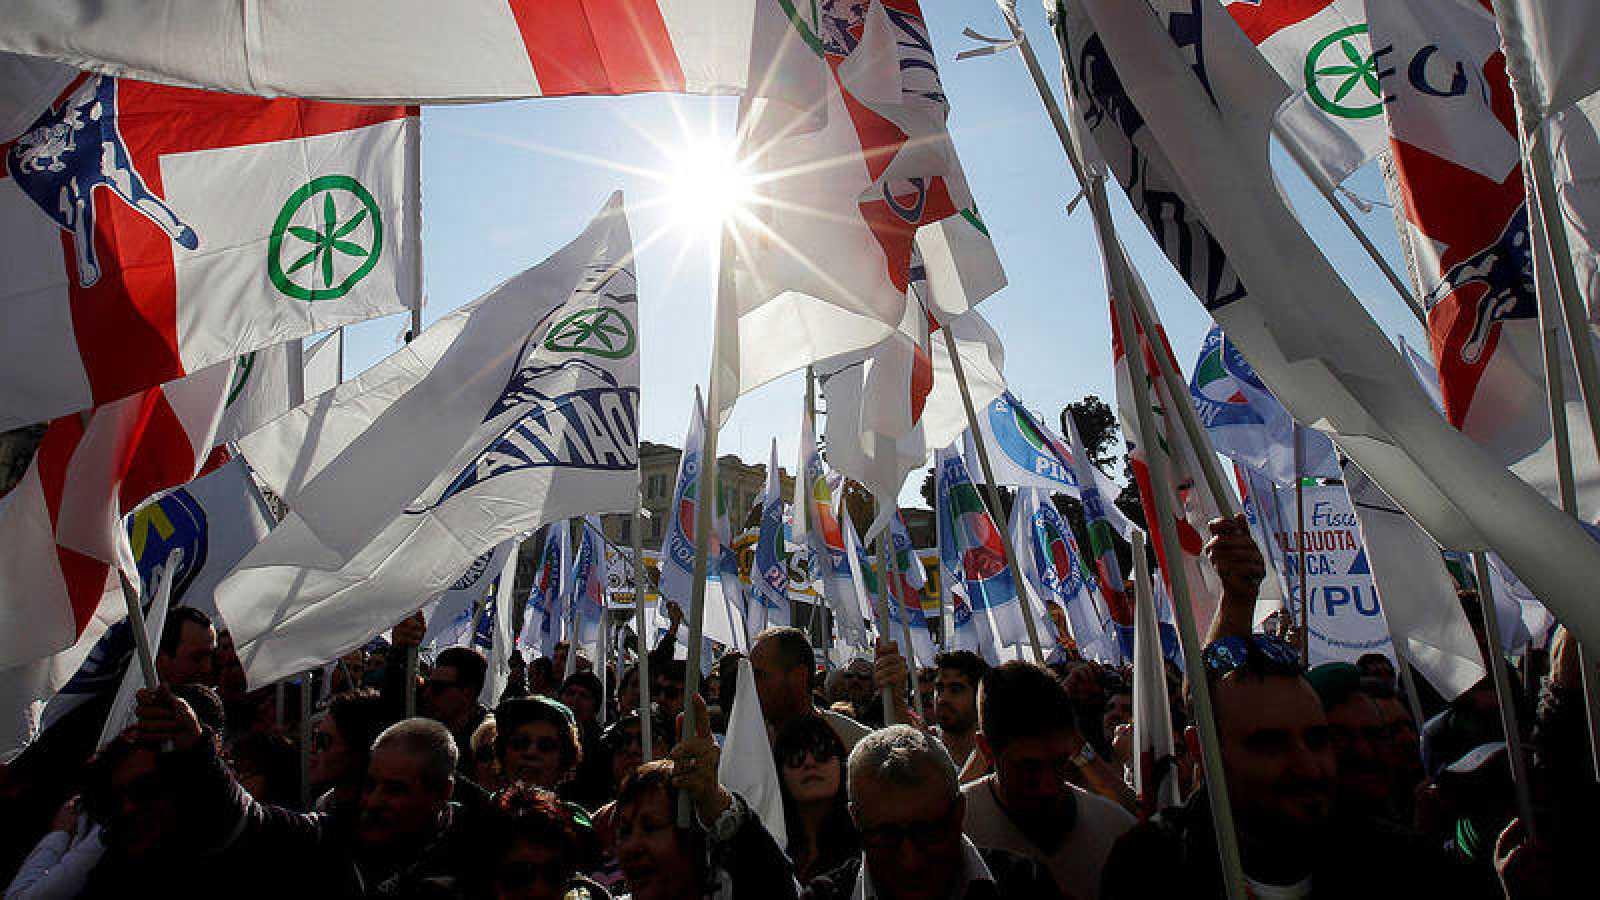 Partidarios de la Liga Norte en un mitin en Roma